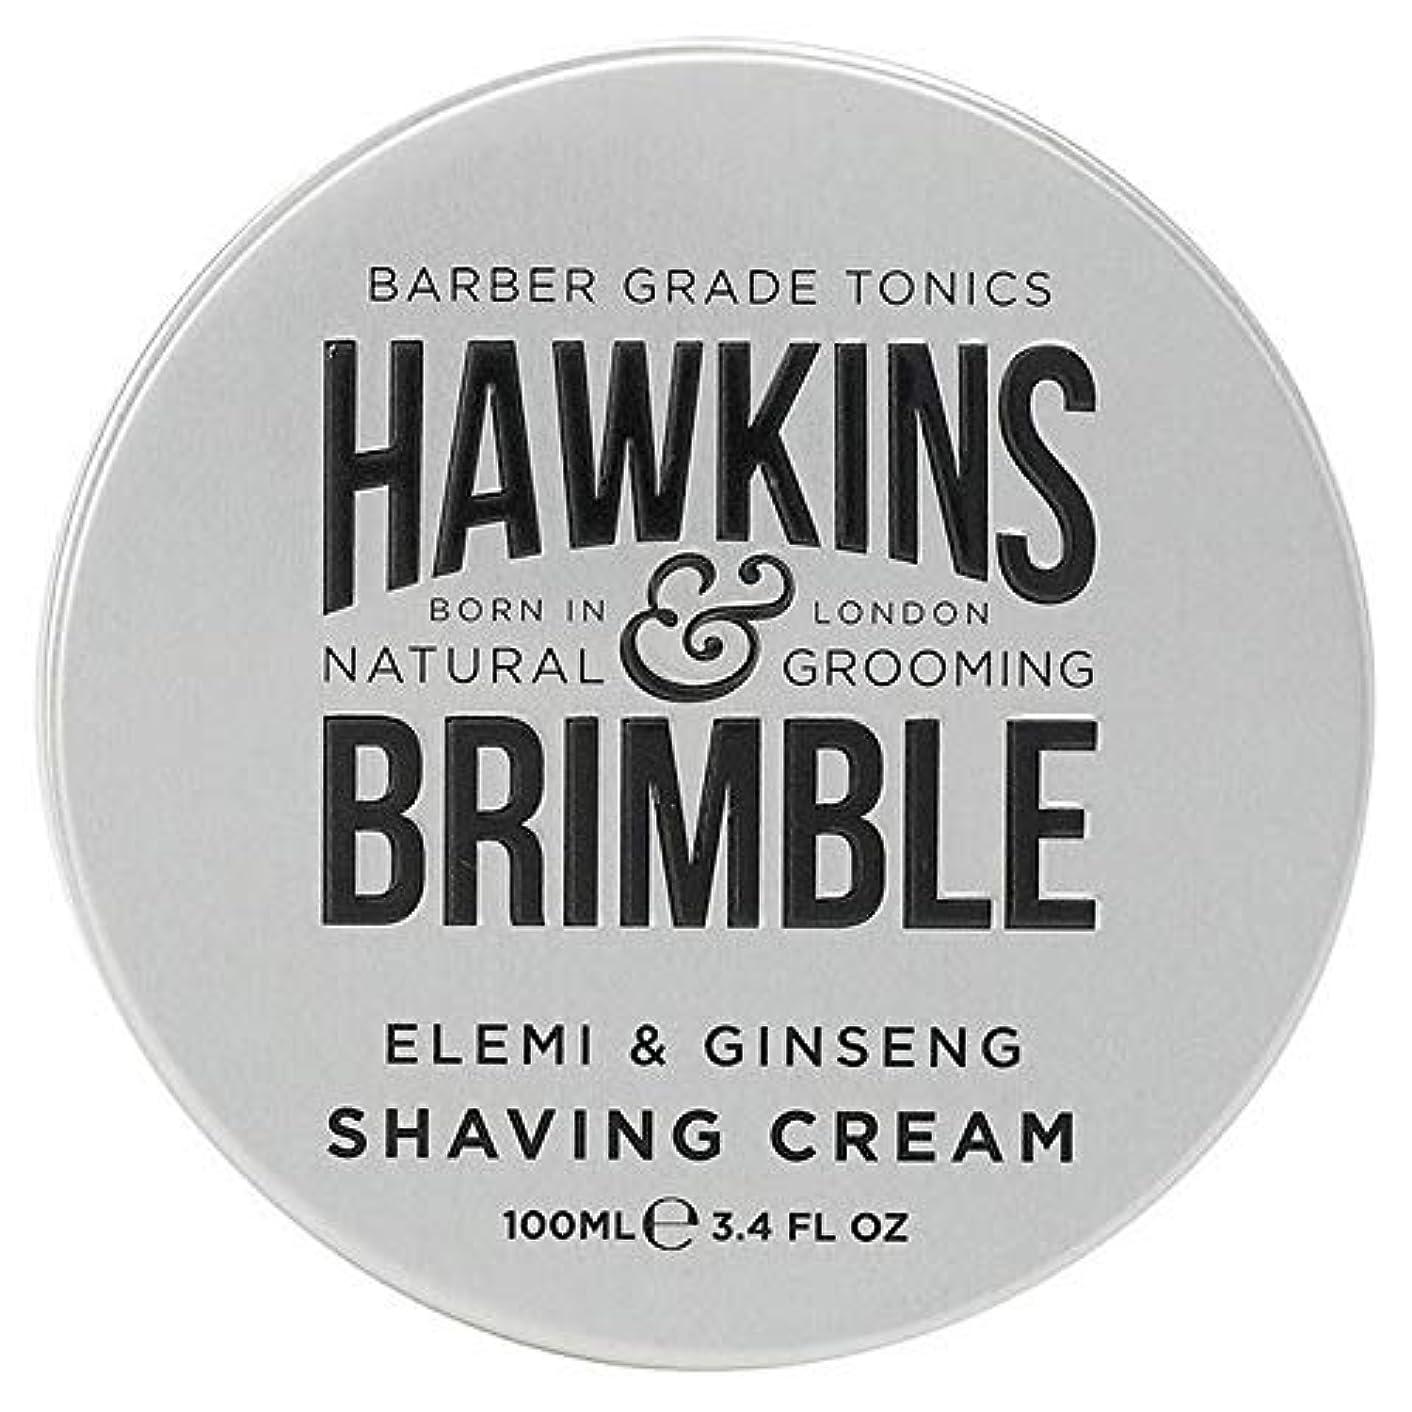 学習者適切なぴかぴか[Hawkins & Brimble] ホーキンス&Brimbleシェービングクリーム100ミリリットル - Hawkins & Brimble Shaving Cream 100ml [並行輸入品]